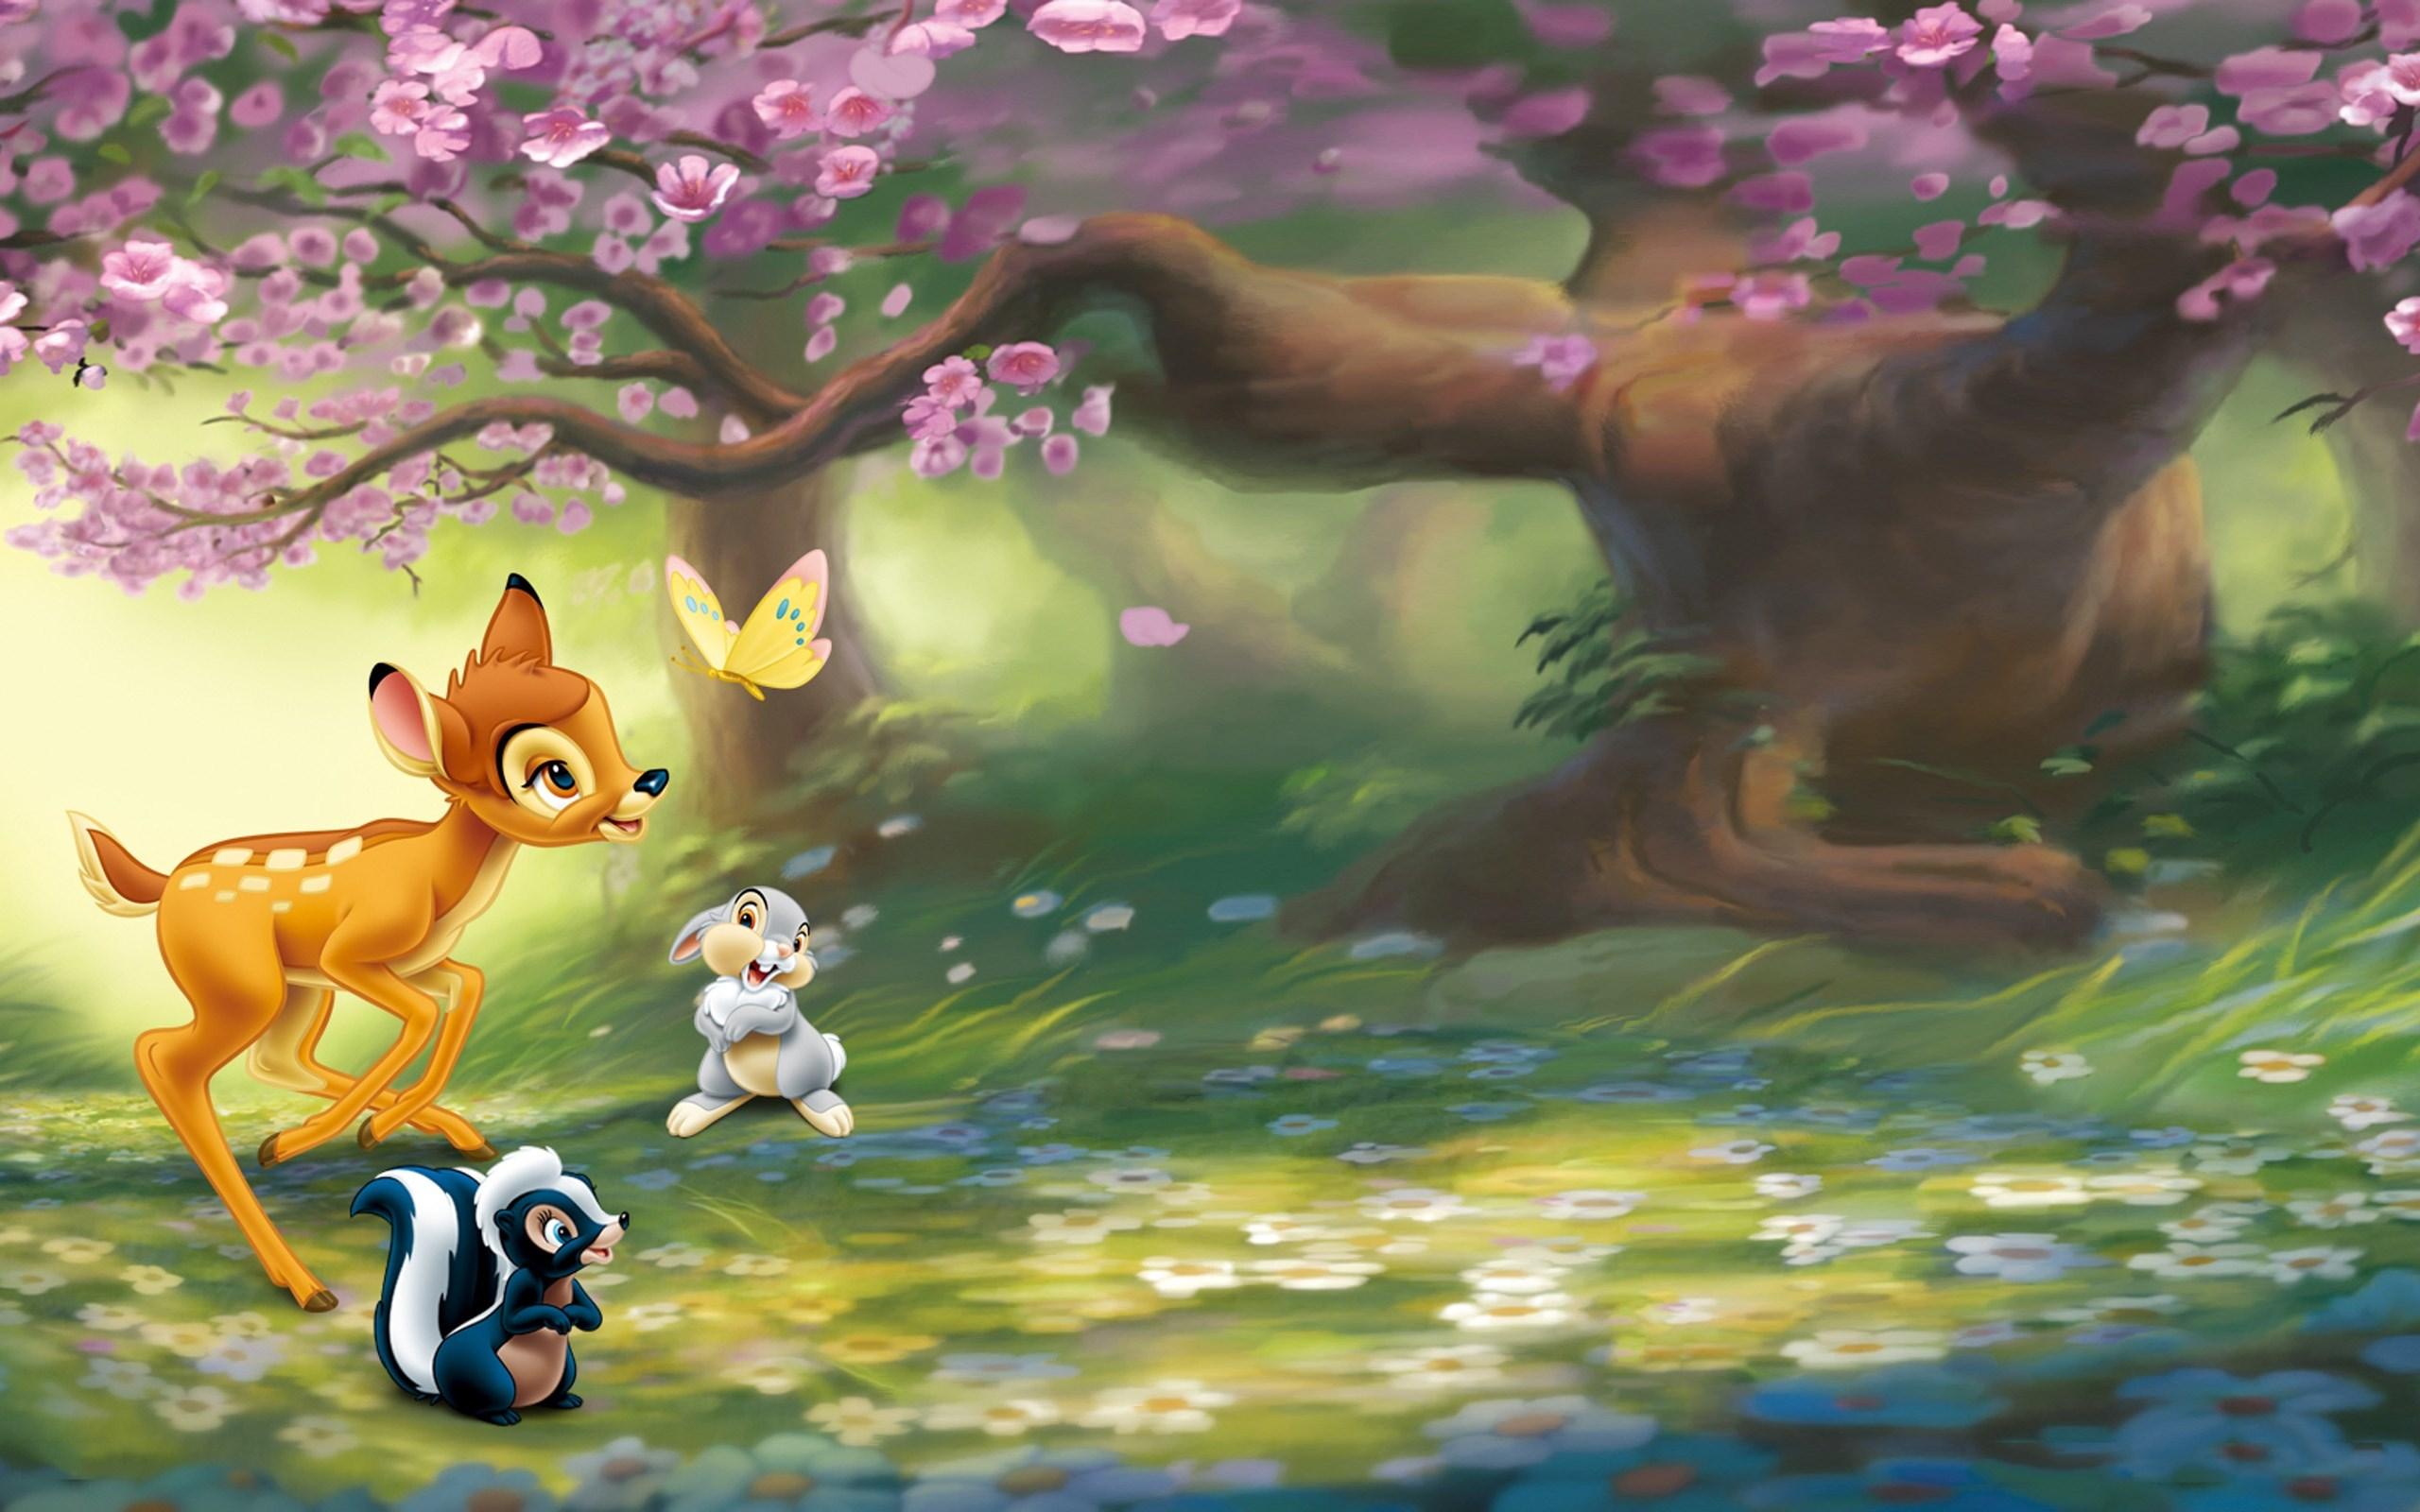 Bambi Disney Cartoon